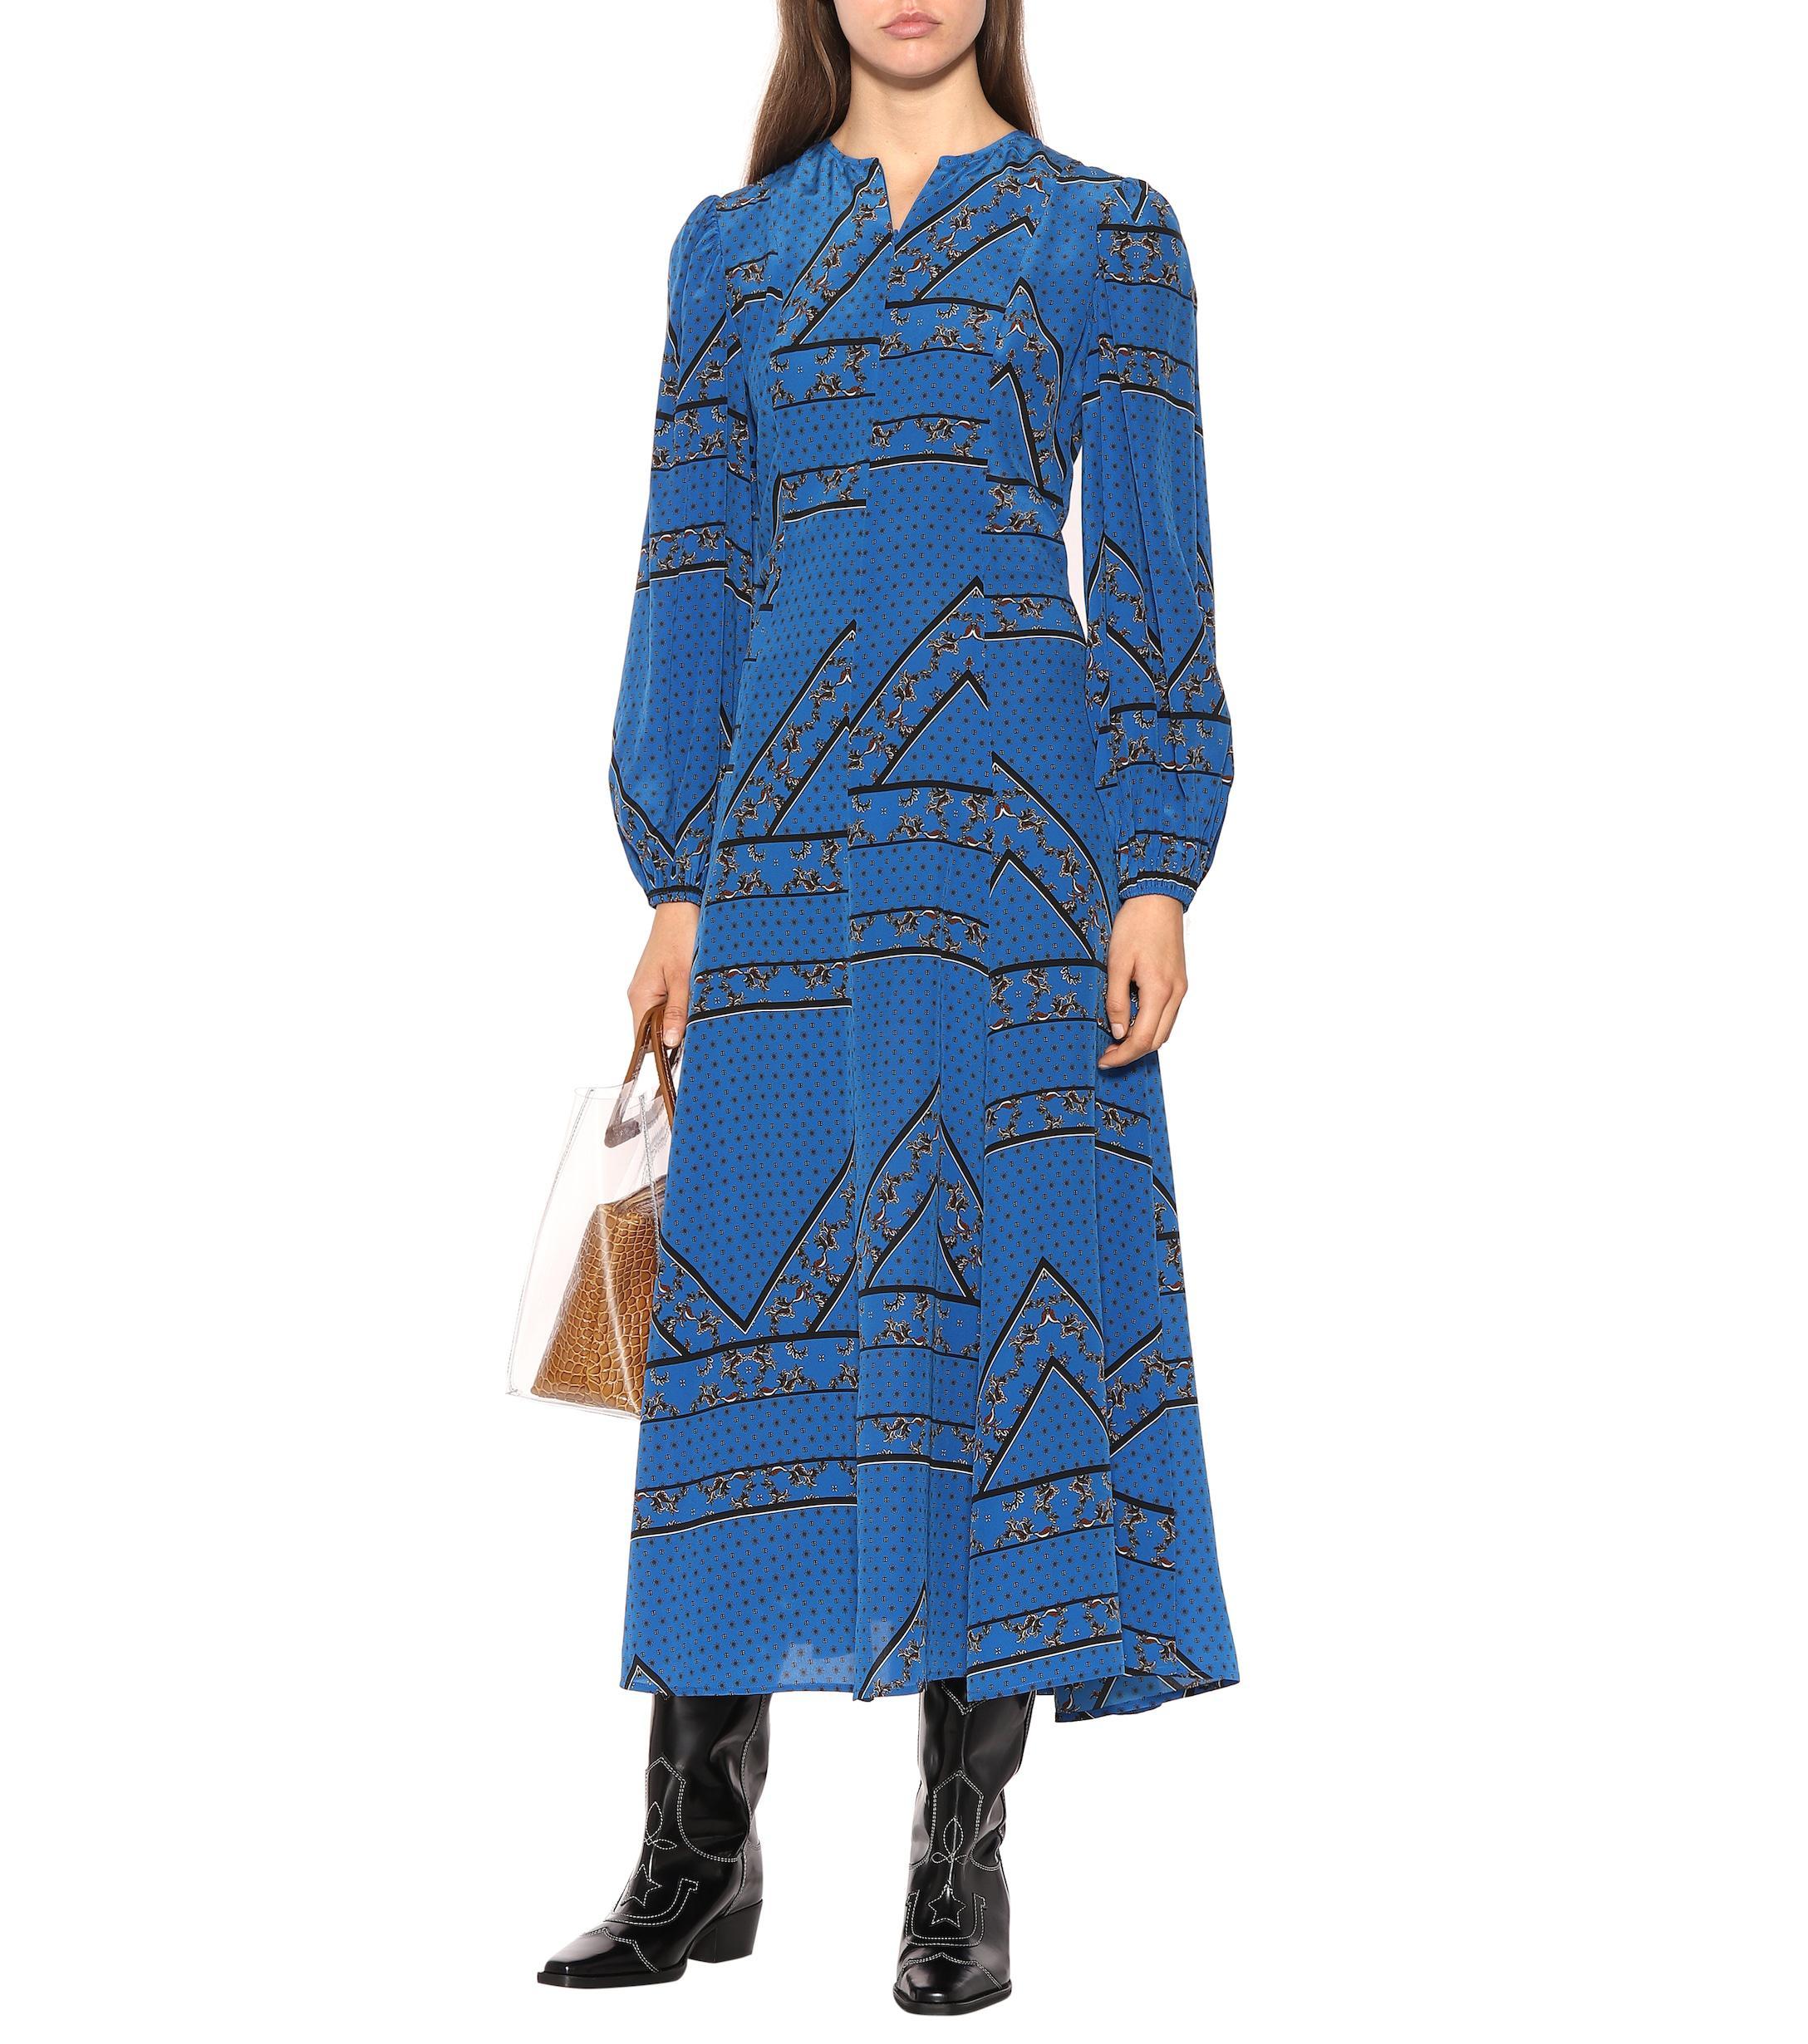 e6c02f947f1 Ganni - Blue Printed Silk Maxi Dress - Lyst. View fullscreen